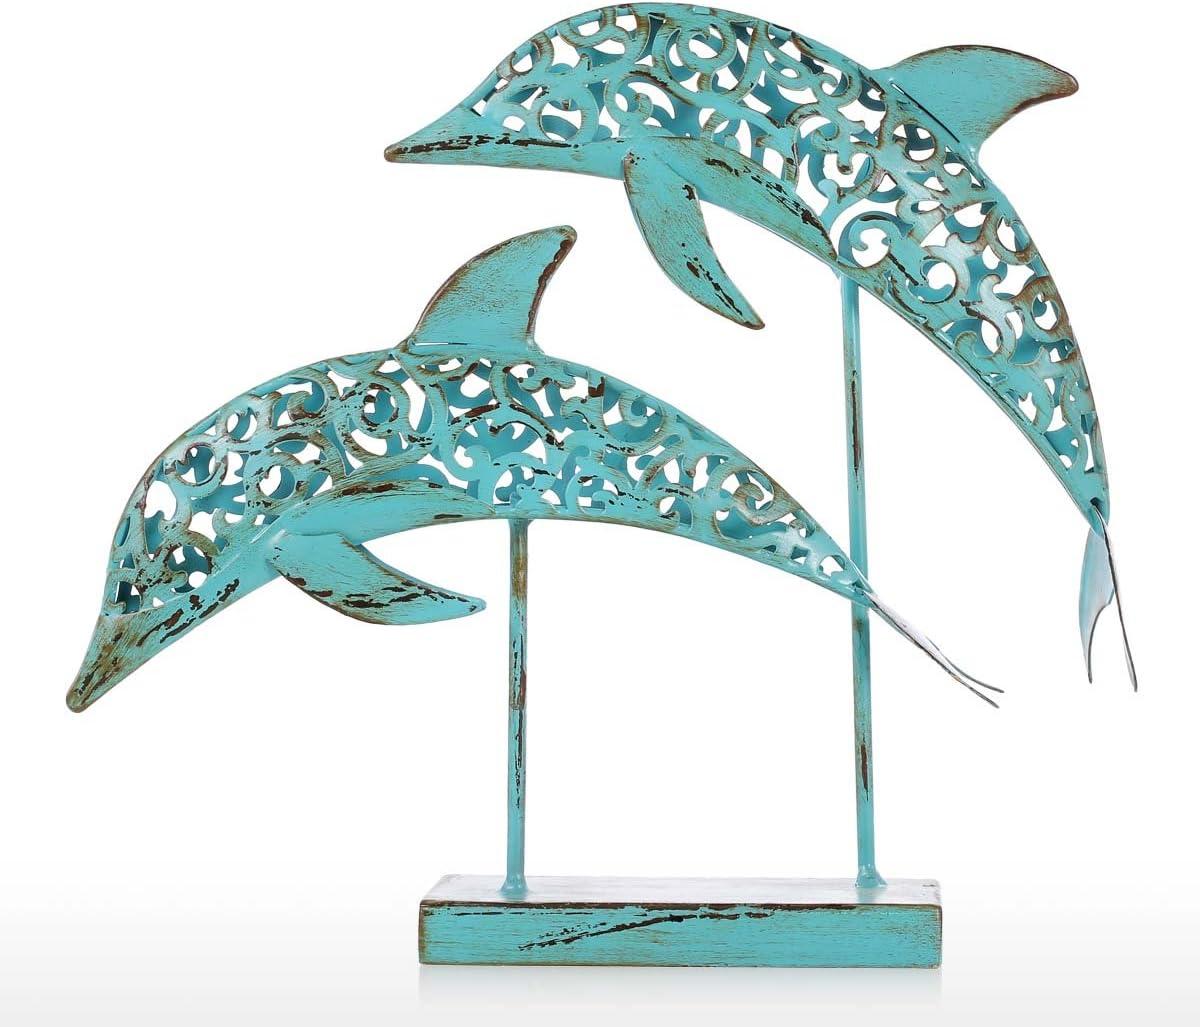 Fesjoy Escultura De Delfines,Estatua Hecha A Mano De Dos Delfines Azules Estatua De Hierro Ornamento Efecto Marino De La Vida Marina